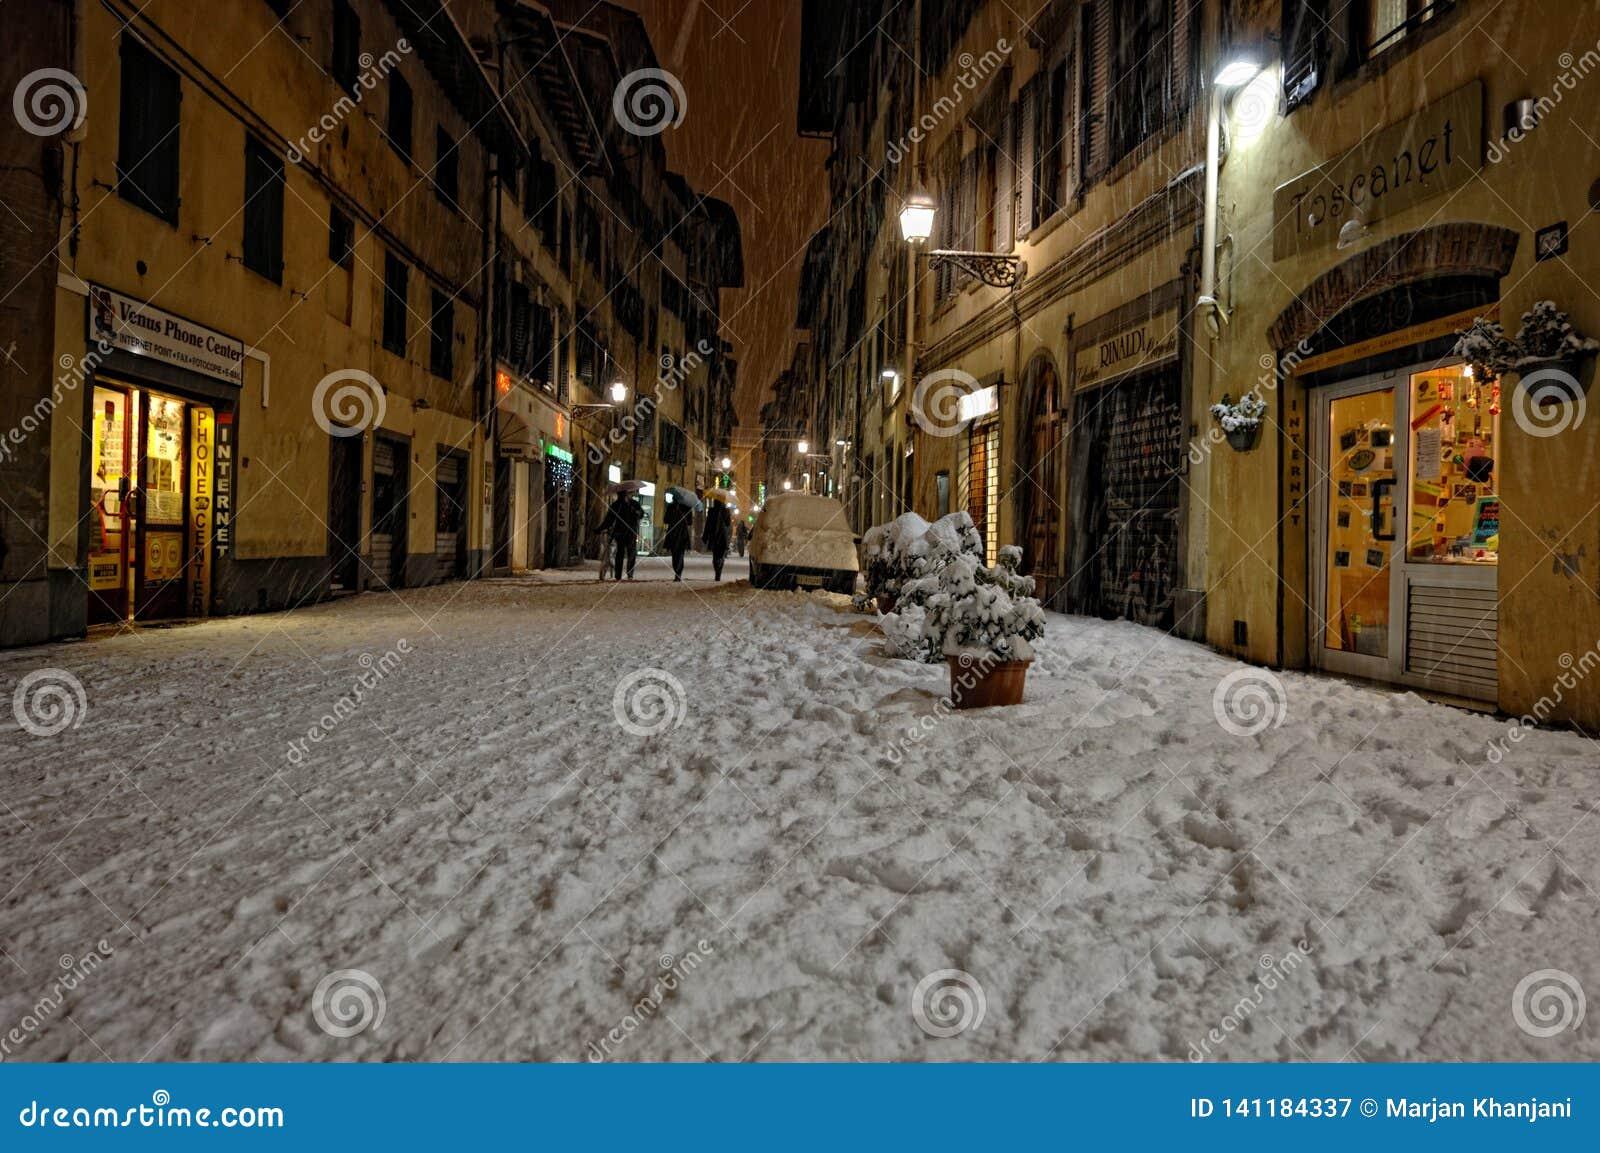 Sneeuw in het historische centrum van Florence, Italië